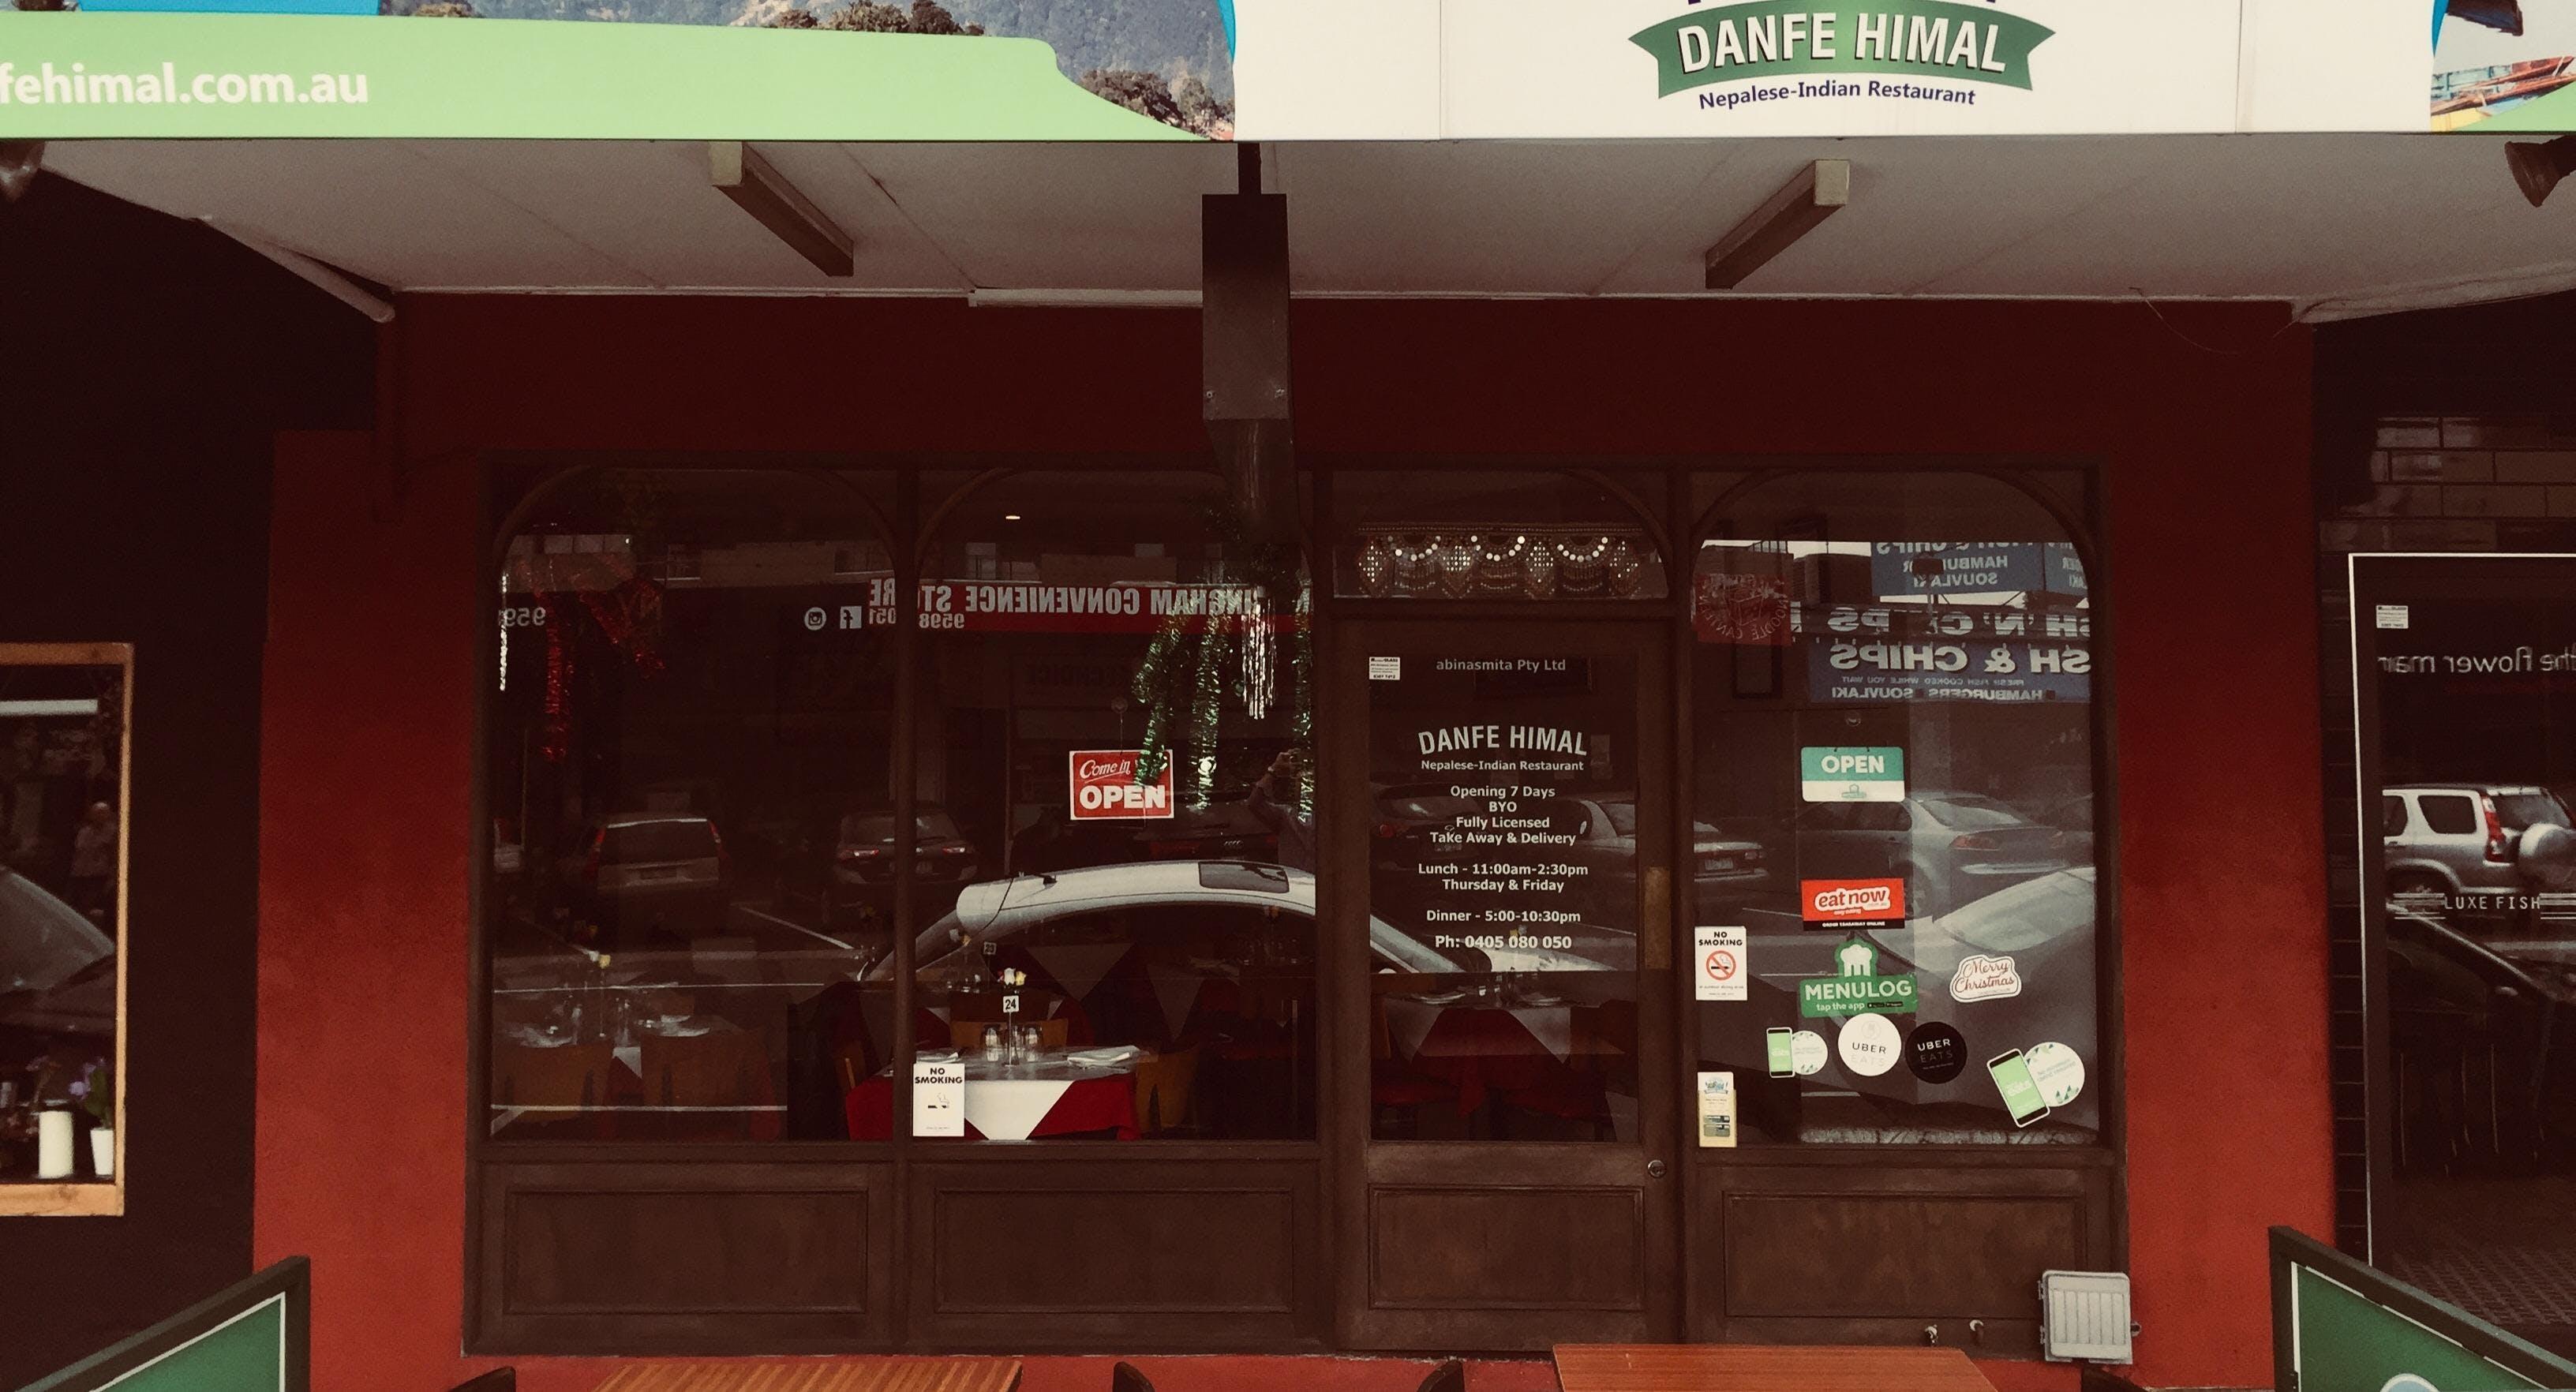 Danfe Himal Melbourne image 3